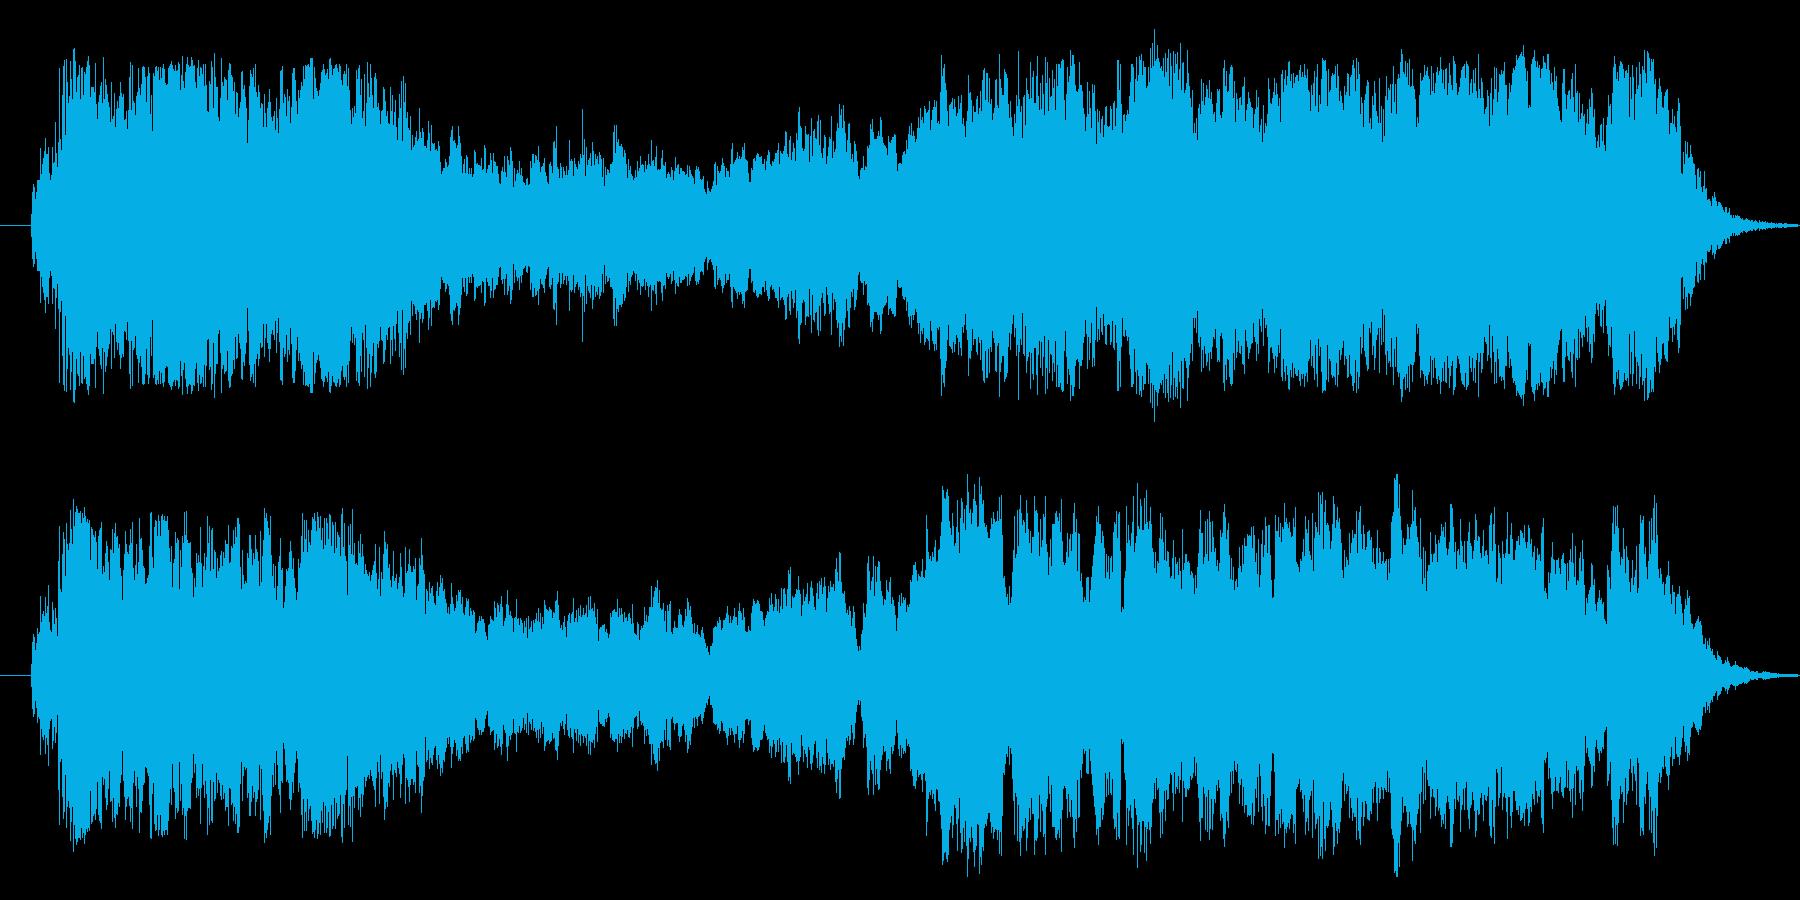 オーケストラによる壮大なファンファーレ…の再生済みの波形